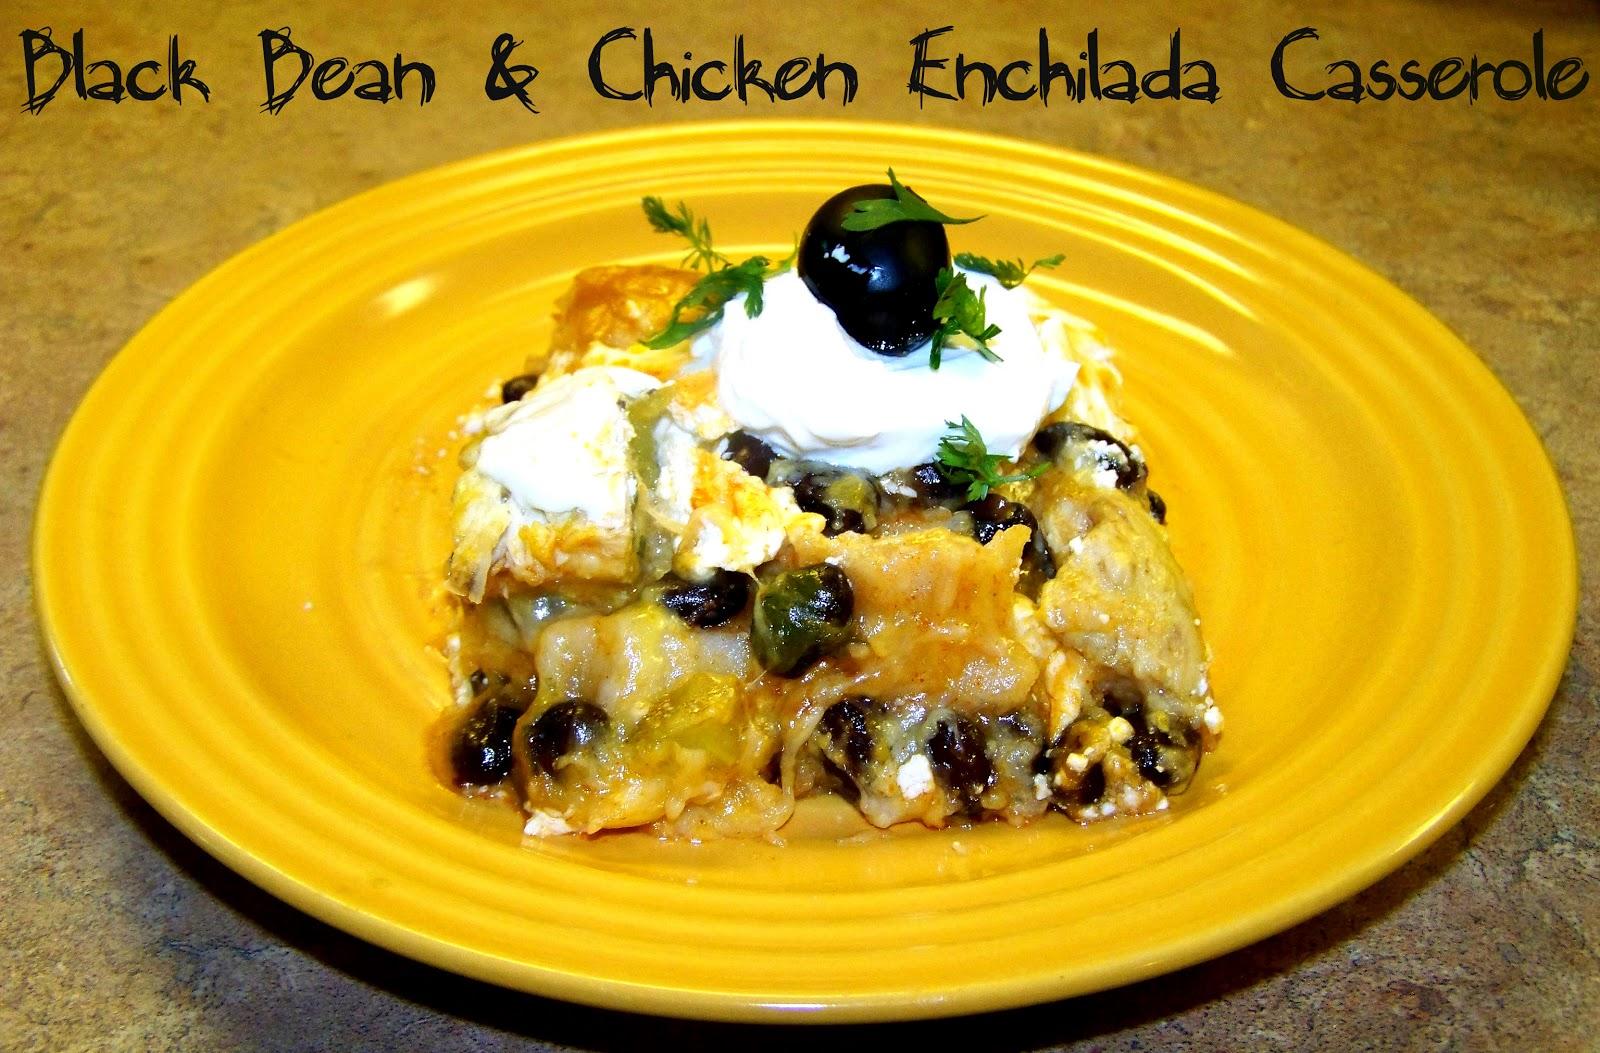 Poppy Juice: Black Bean & Chicken Layered Enchilada Casserole